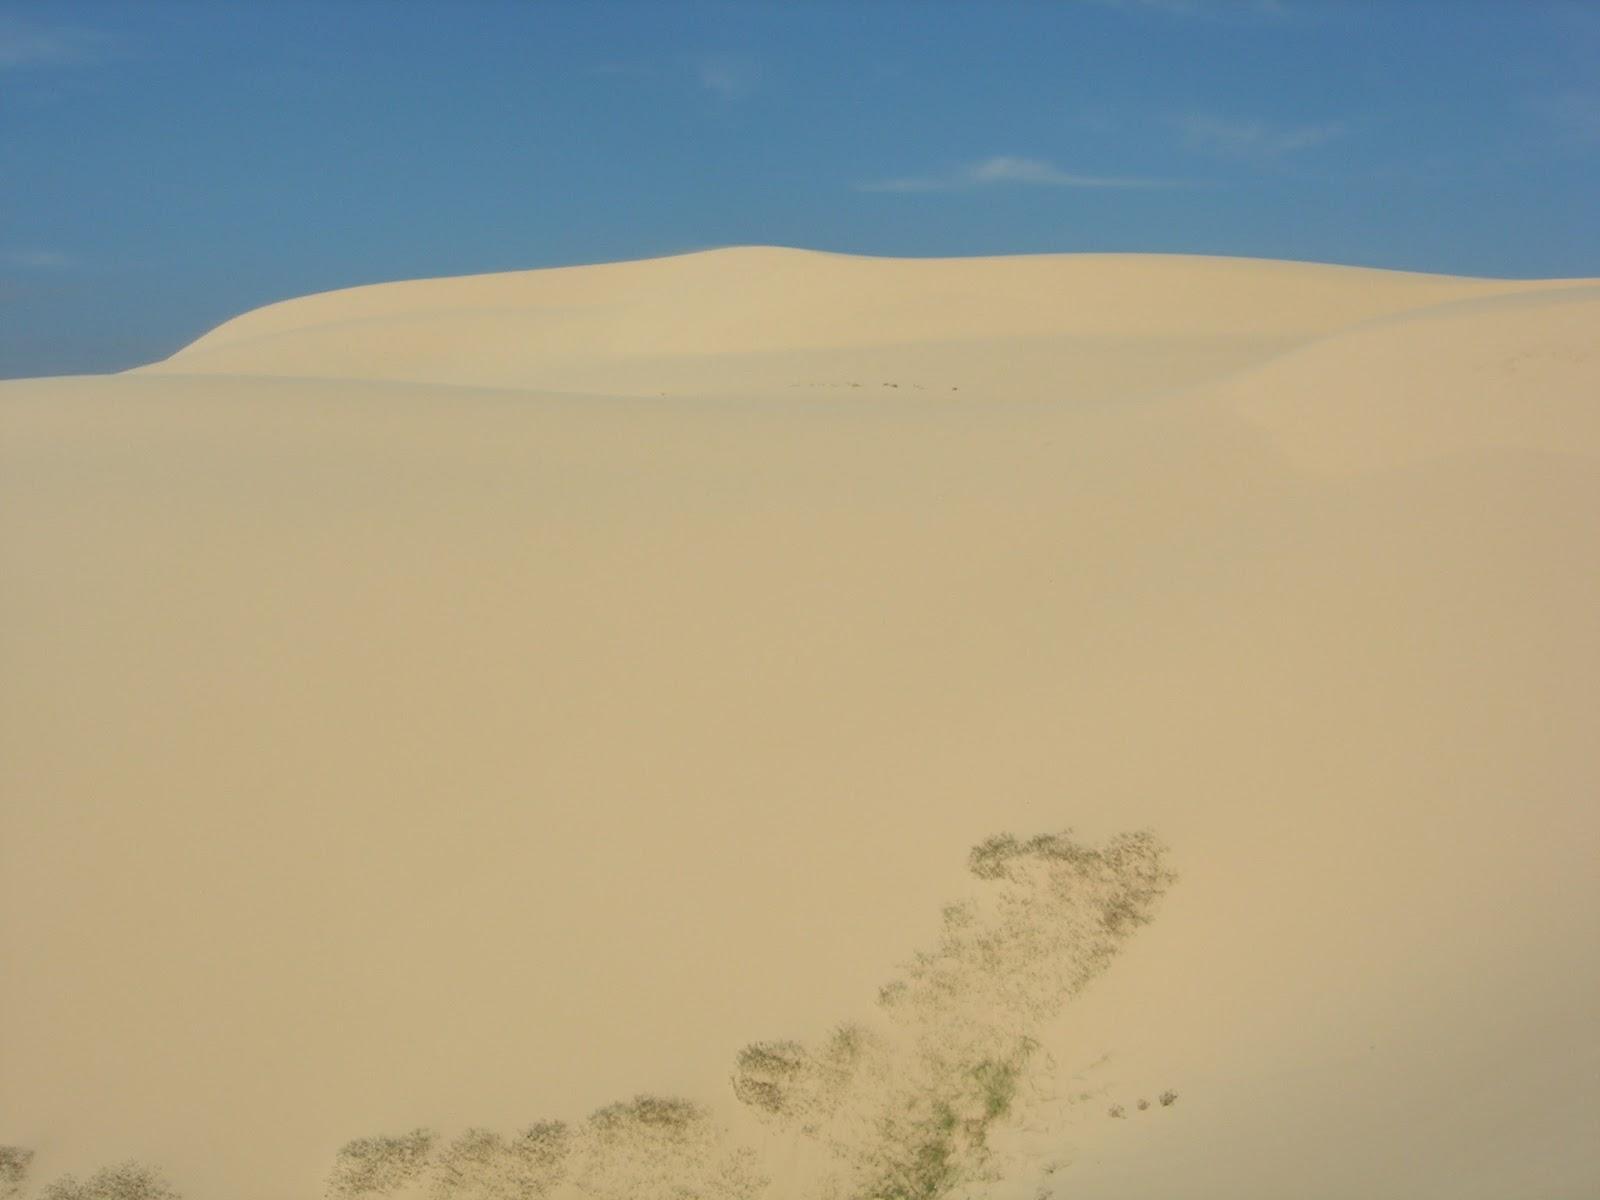 Песчаные дюны во Вьетнаме